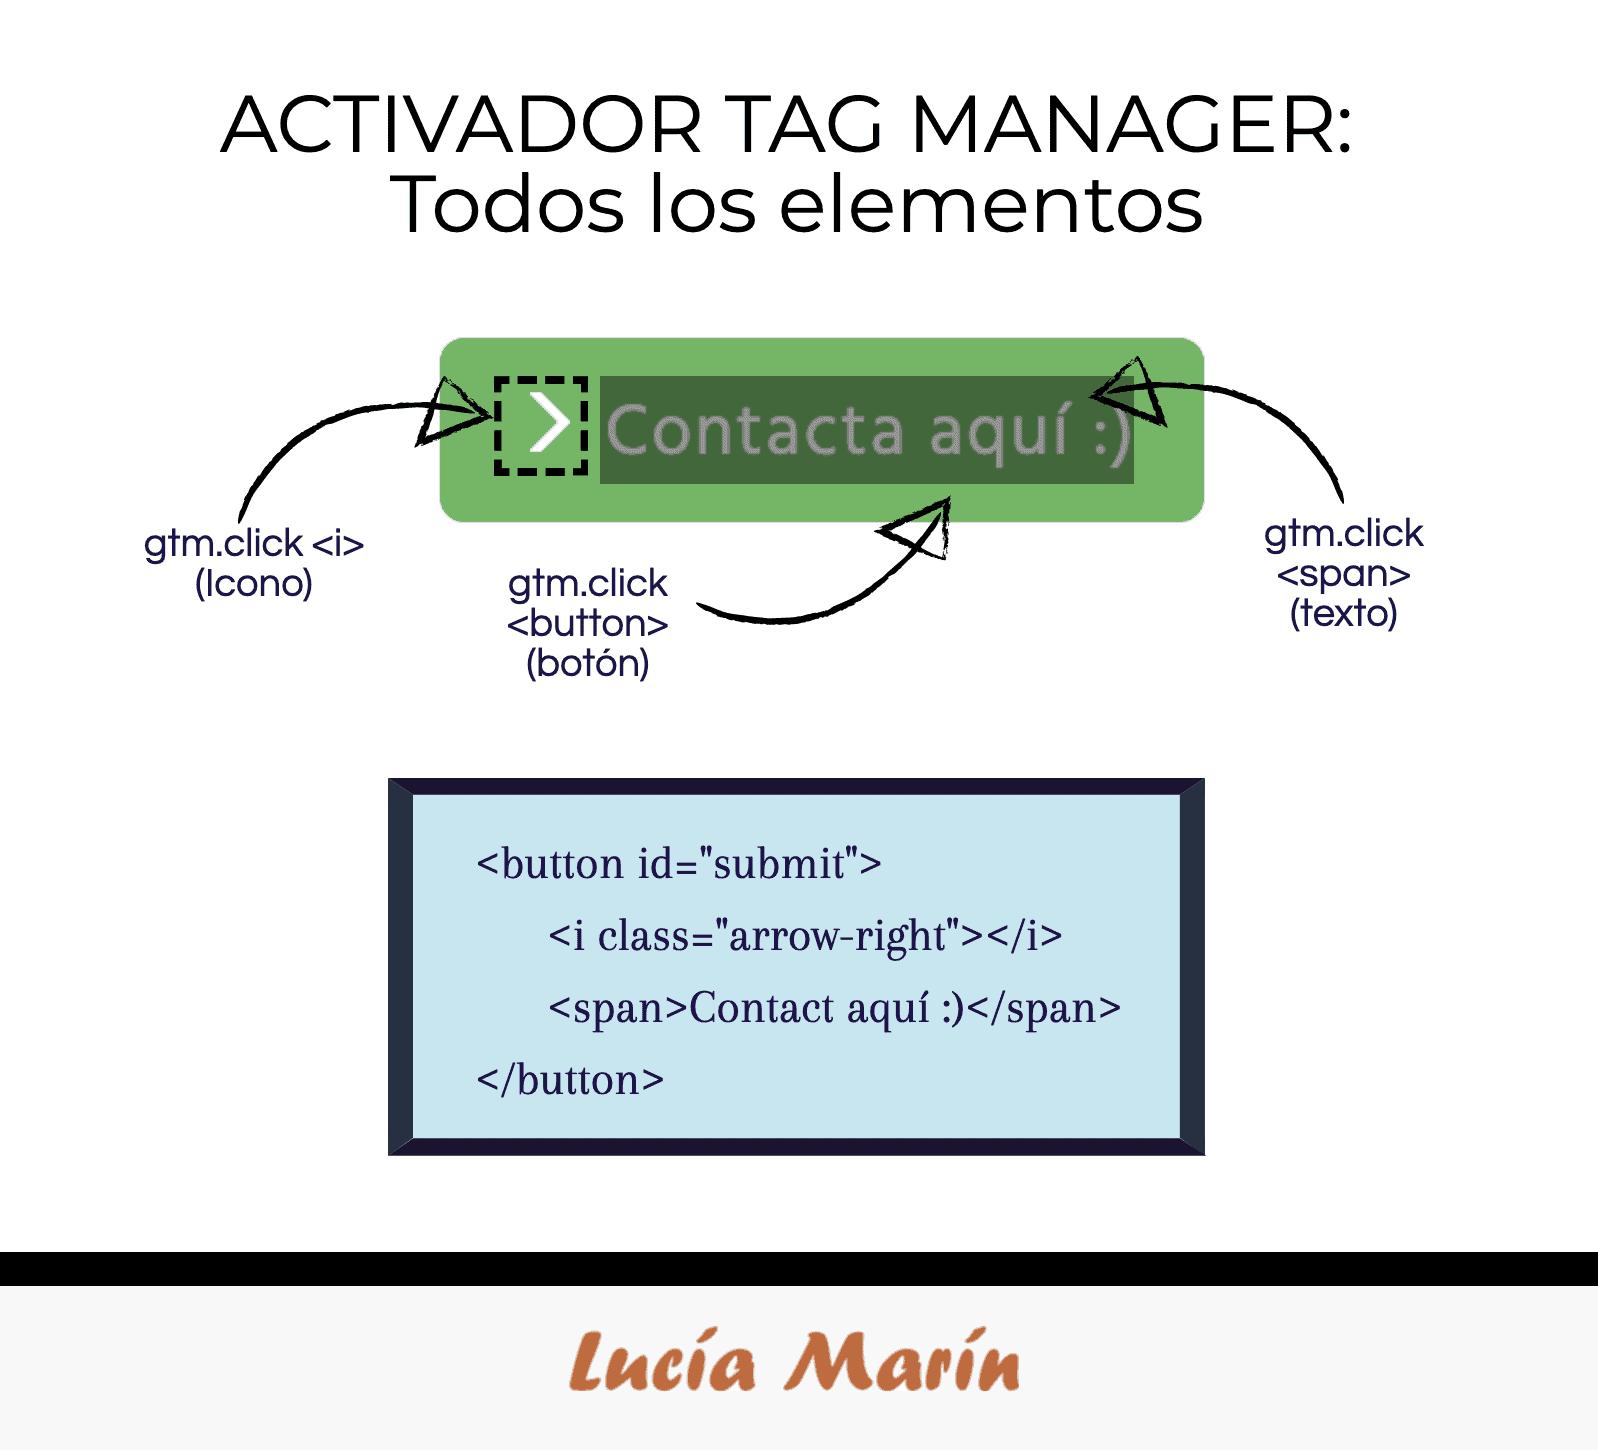 activador-todos-los-elementos-google-tag-manager